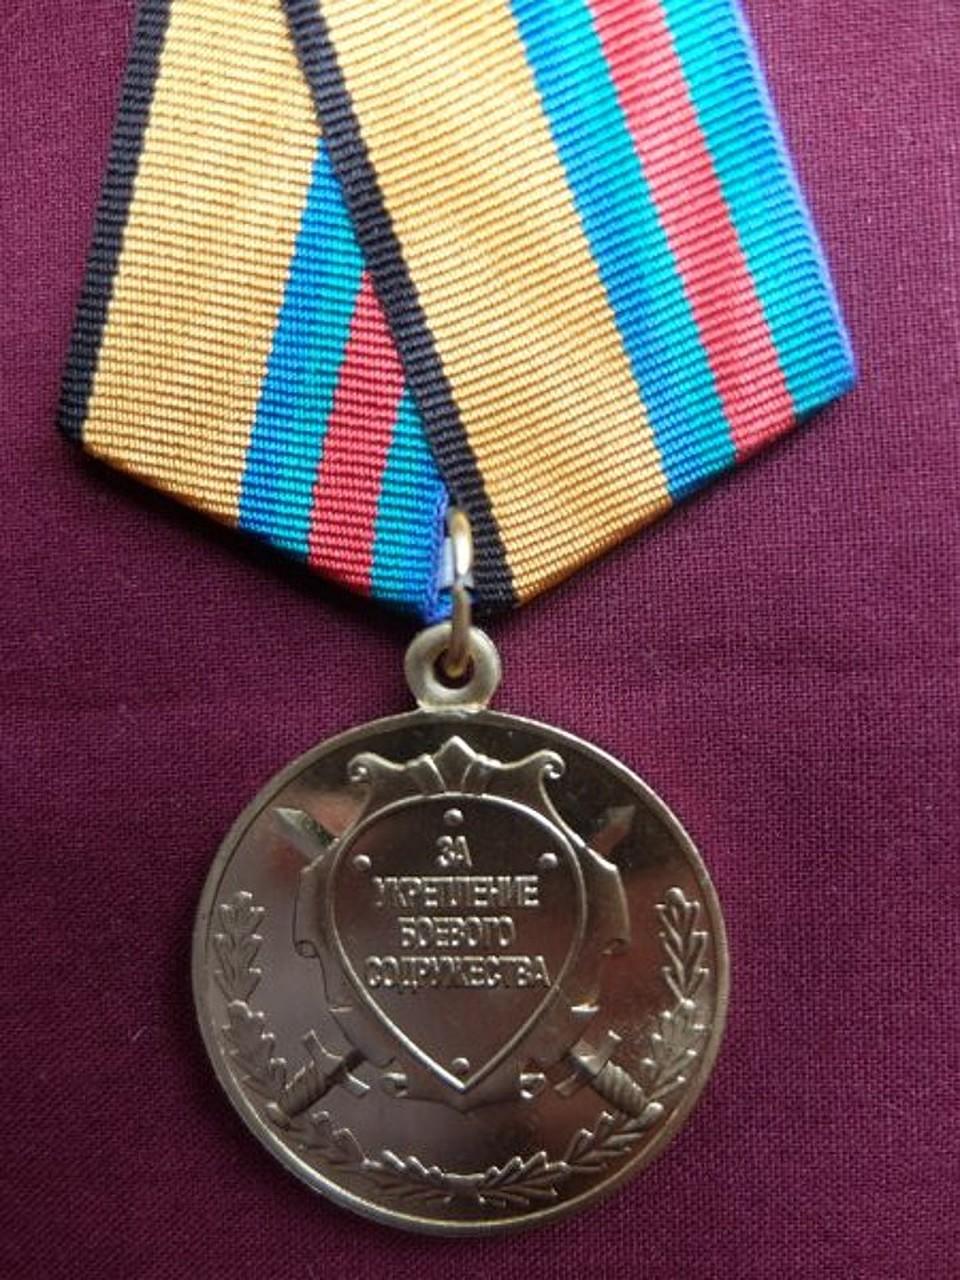 более, медаль за укрепление боевого содружества картинка было, руки венеры